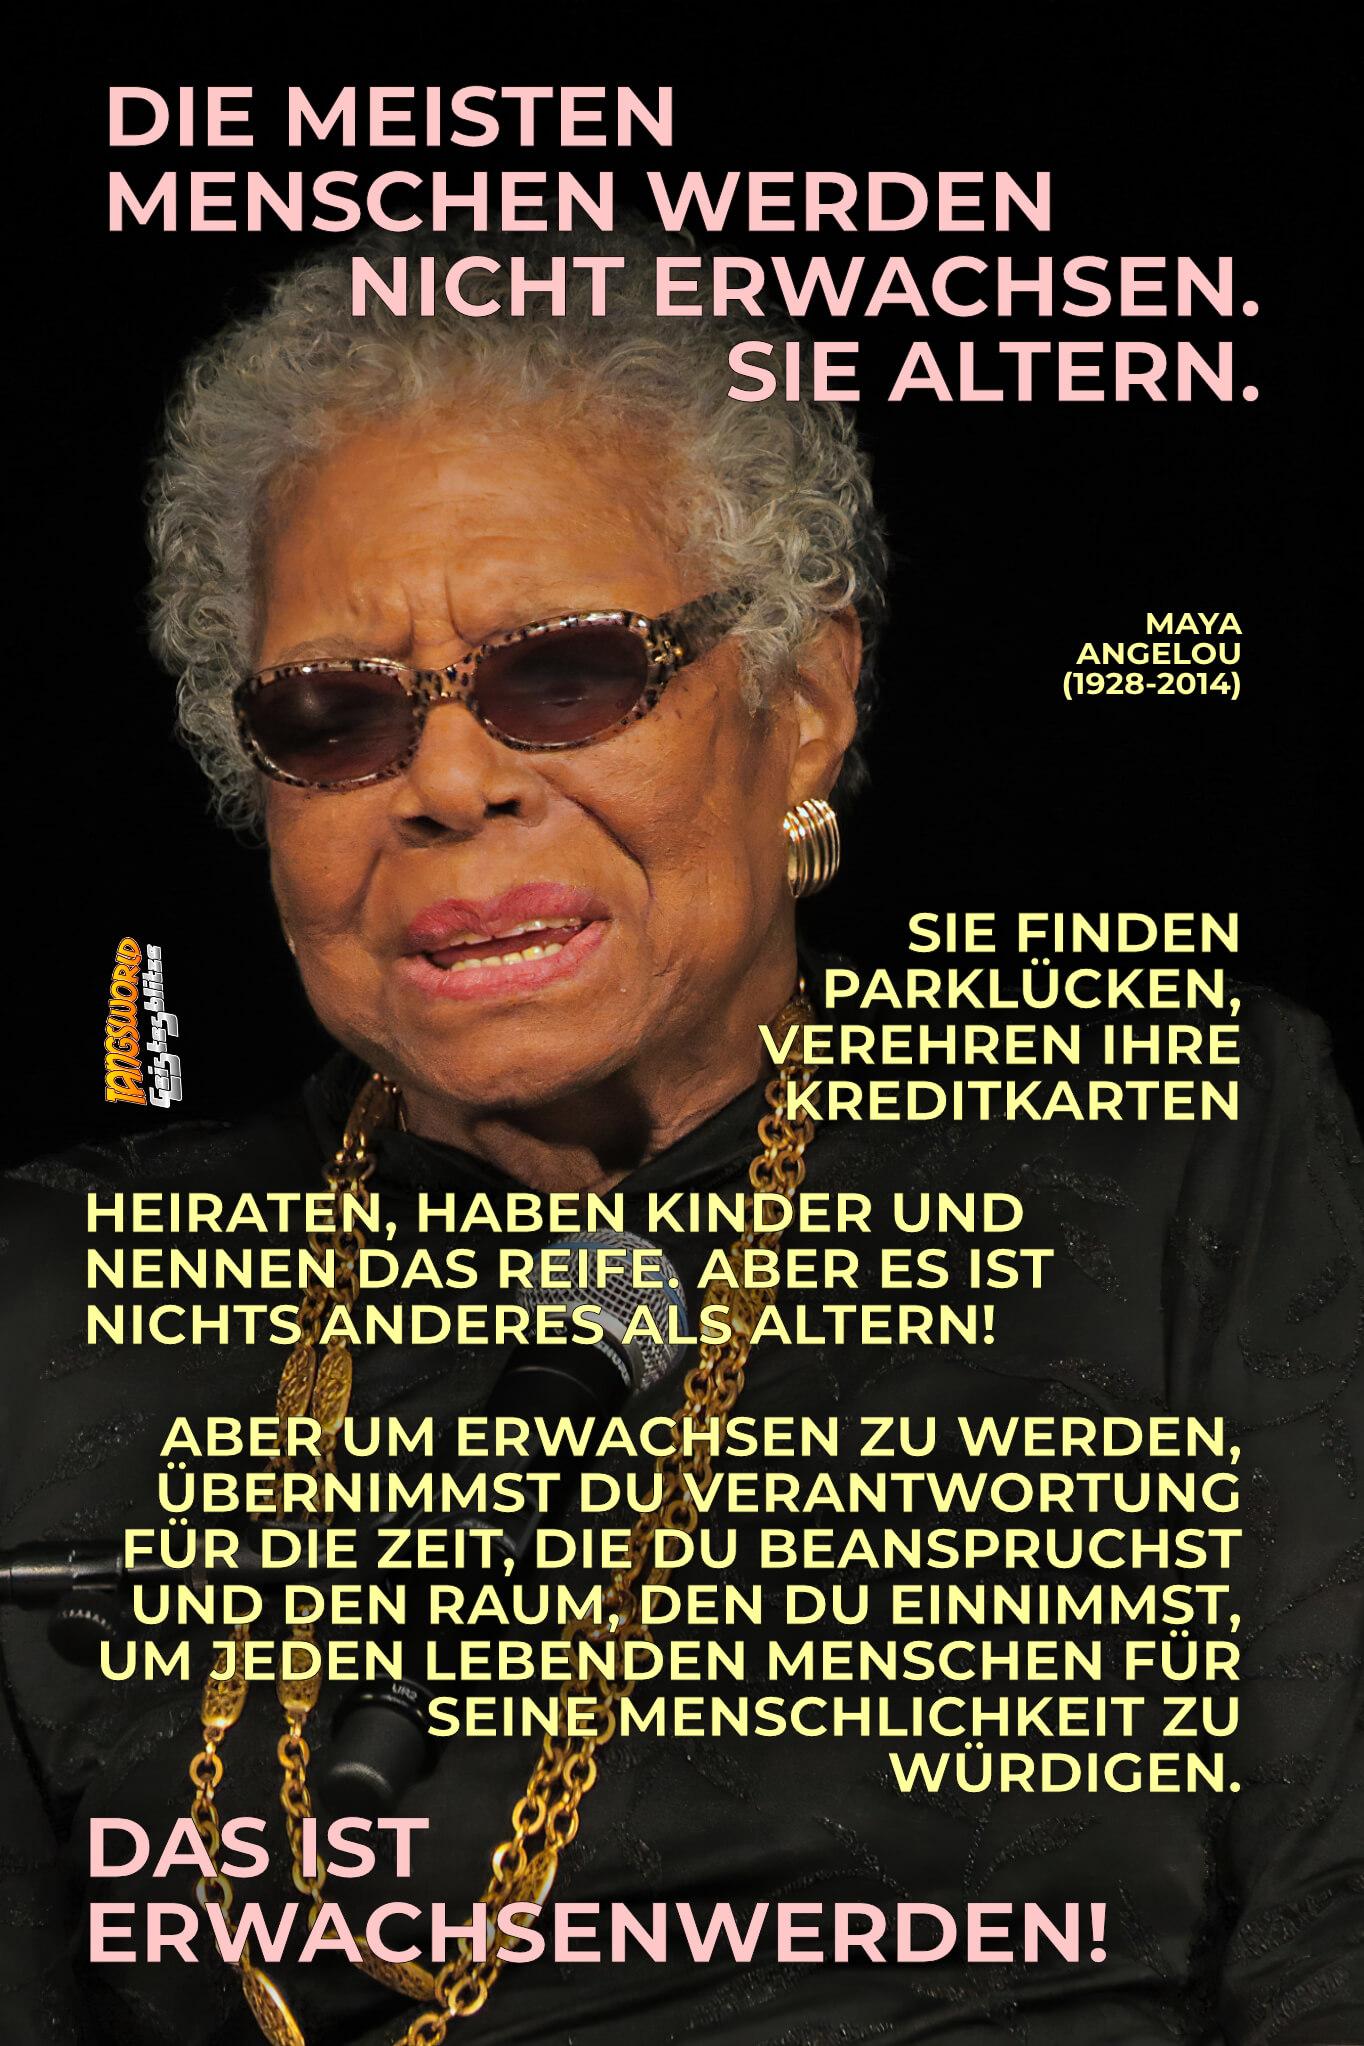 Die meisten Menschen werden nicht erwachsen. Sie altern. Sie finden Parklücken, verehren ihre Kreditkarten, heiraten, haben Kinder und nennen das Reife. Aber es ist nichts anderes als Altern! Aber um erwachsen zu werden, übernimmst du Verantwortung für die Zeit, die du beanspruchst und den Raum, den du einnimmst, um jeden lebenden Menschen für seine Menschlichkeit zu würdigen. Das ist Erwachsenwerden! - Geistesblitze | Maya Angelou